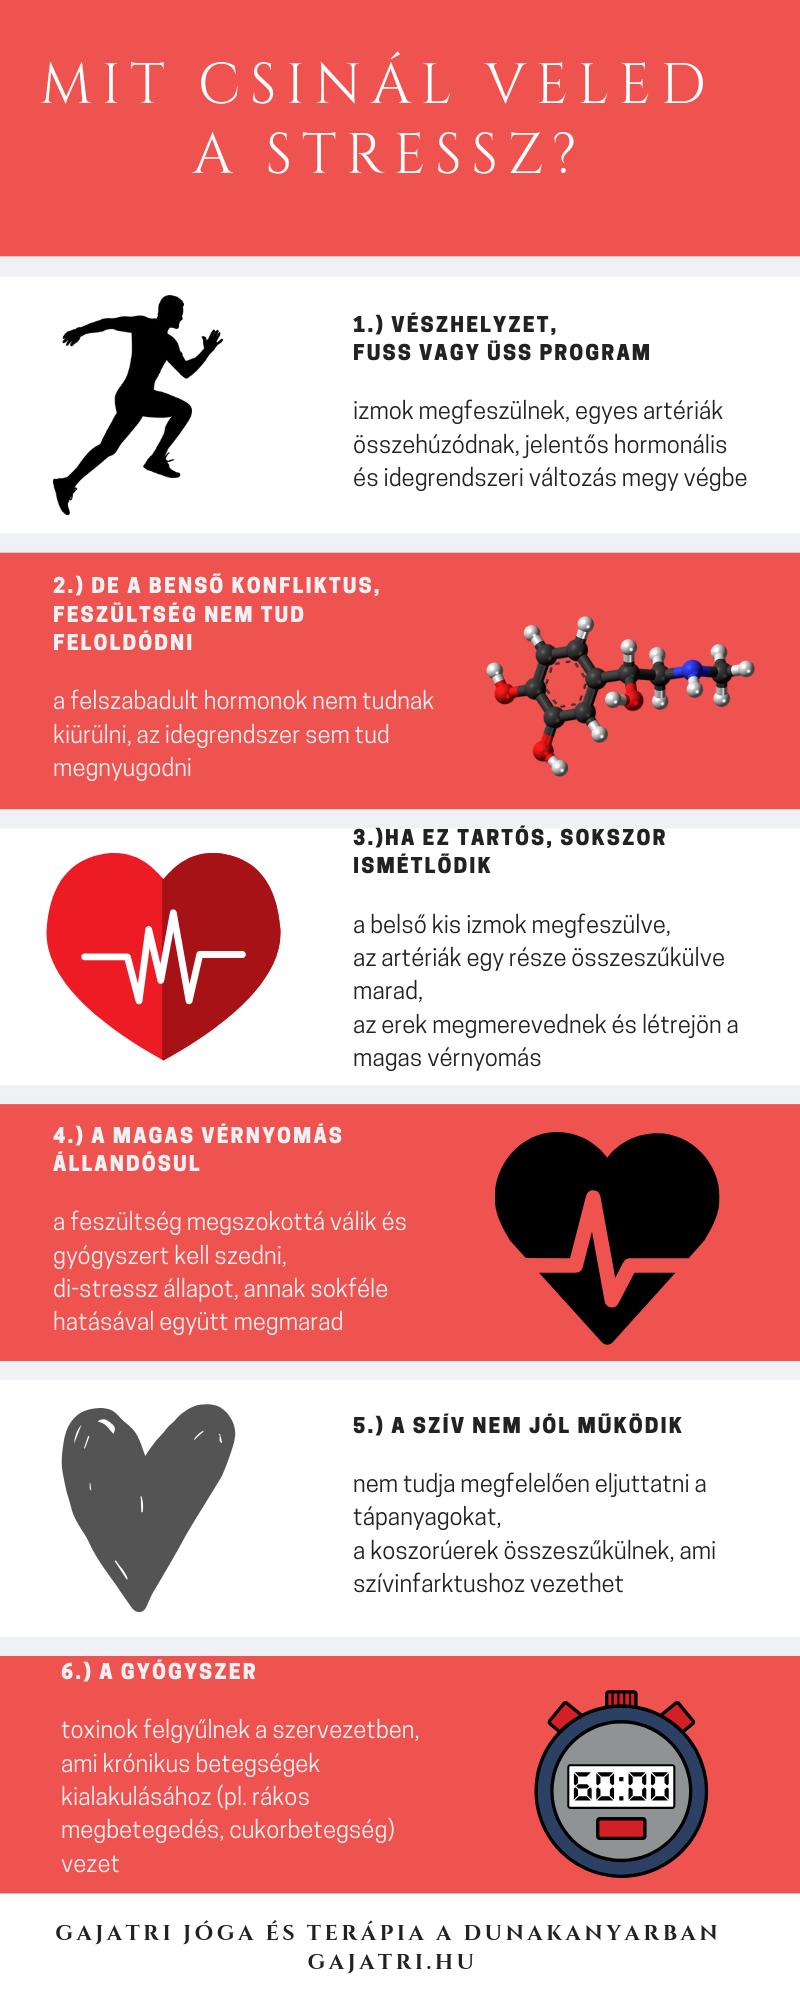 a legfontosabb a tartós magas vérnyomás medence magas vérnyomás esetén